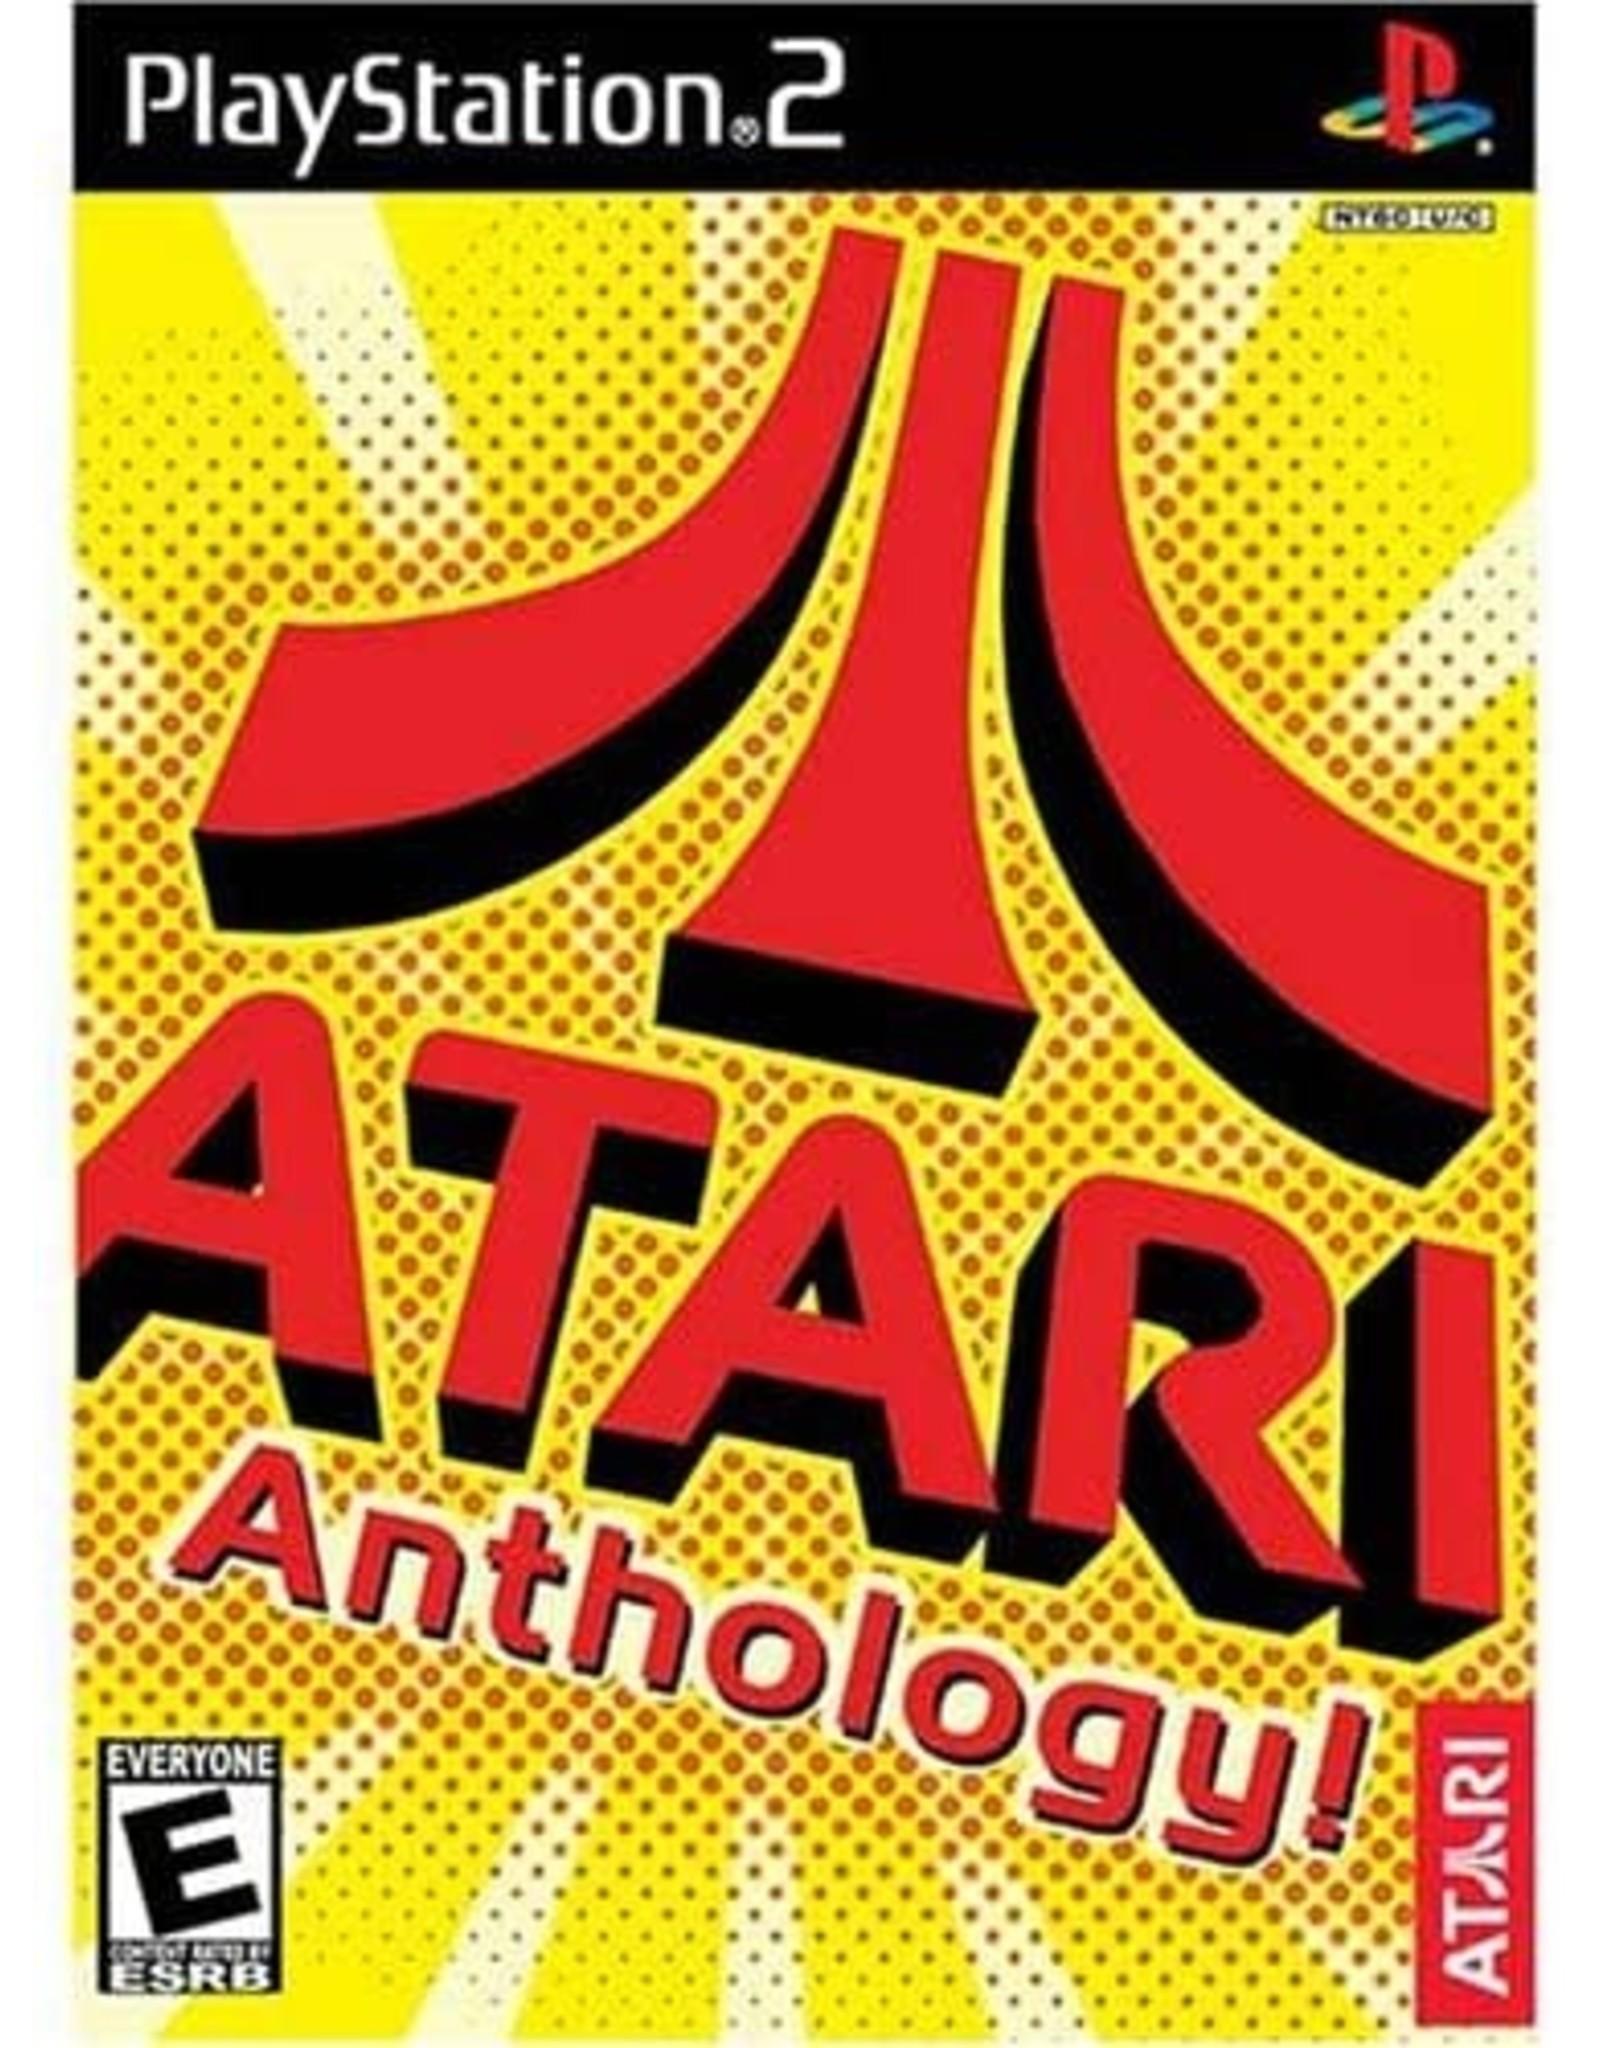 Playstation 2 Atari Anthology (CiB)